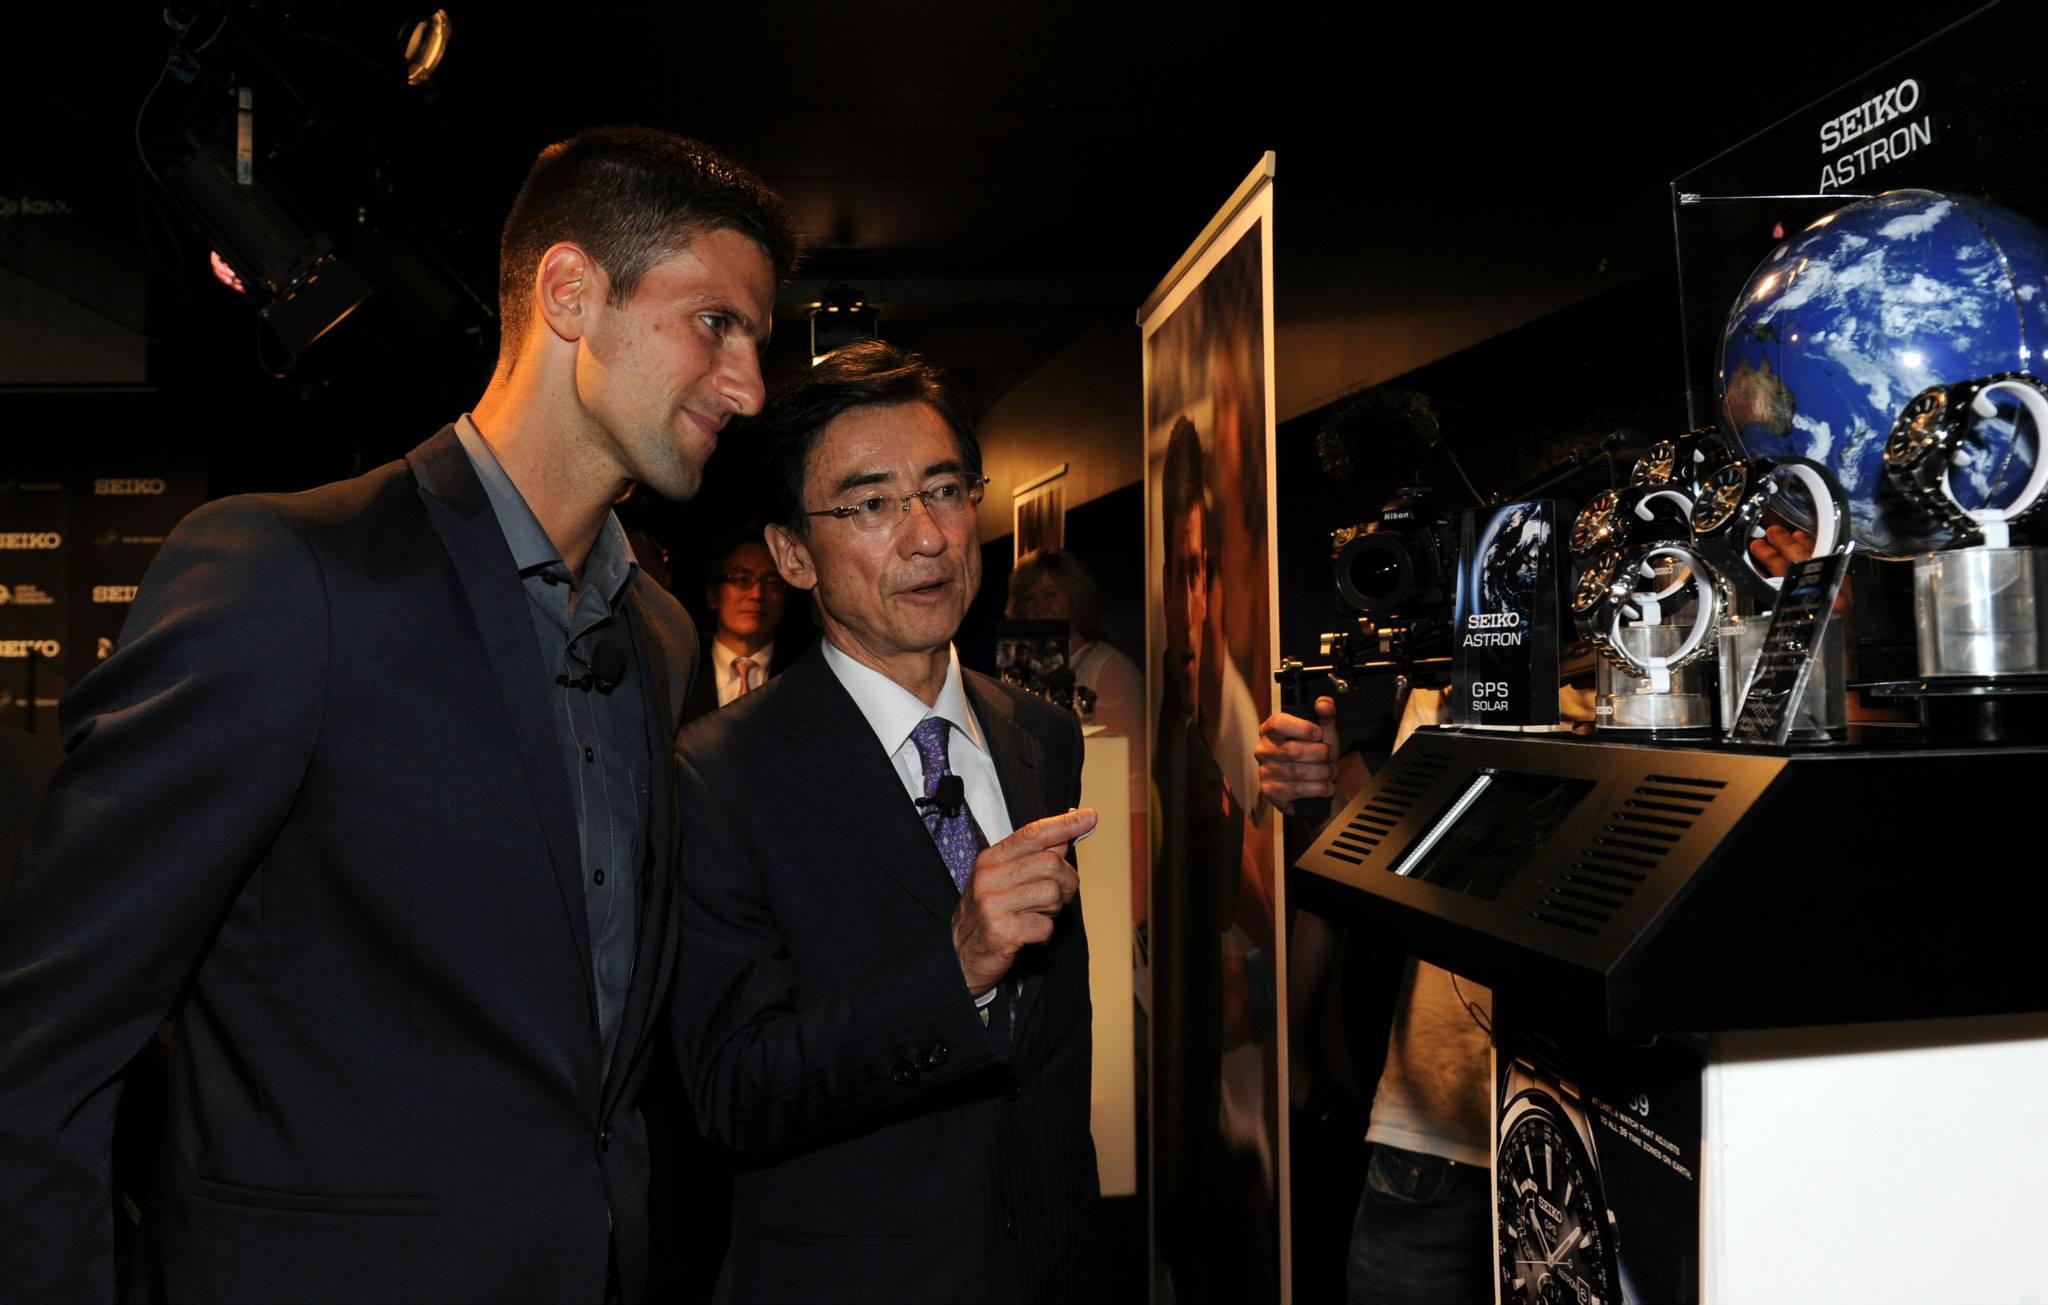 Naziv: Novak-Djokovic-Seiko-satovi-ambasador-brenda-2.jpg, pregleda: 187, veličina: 178,2 KB